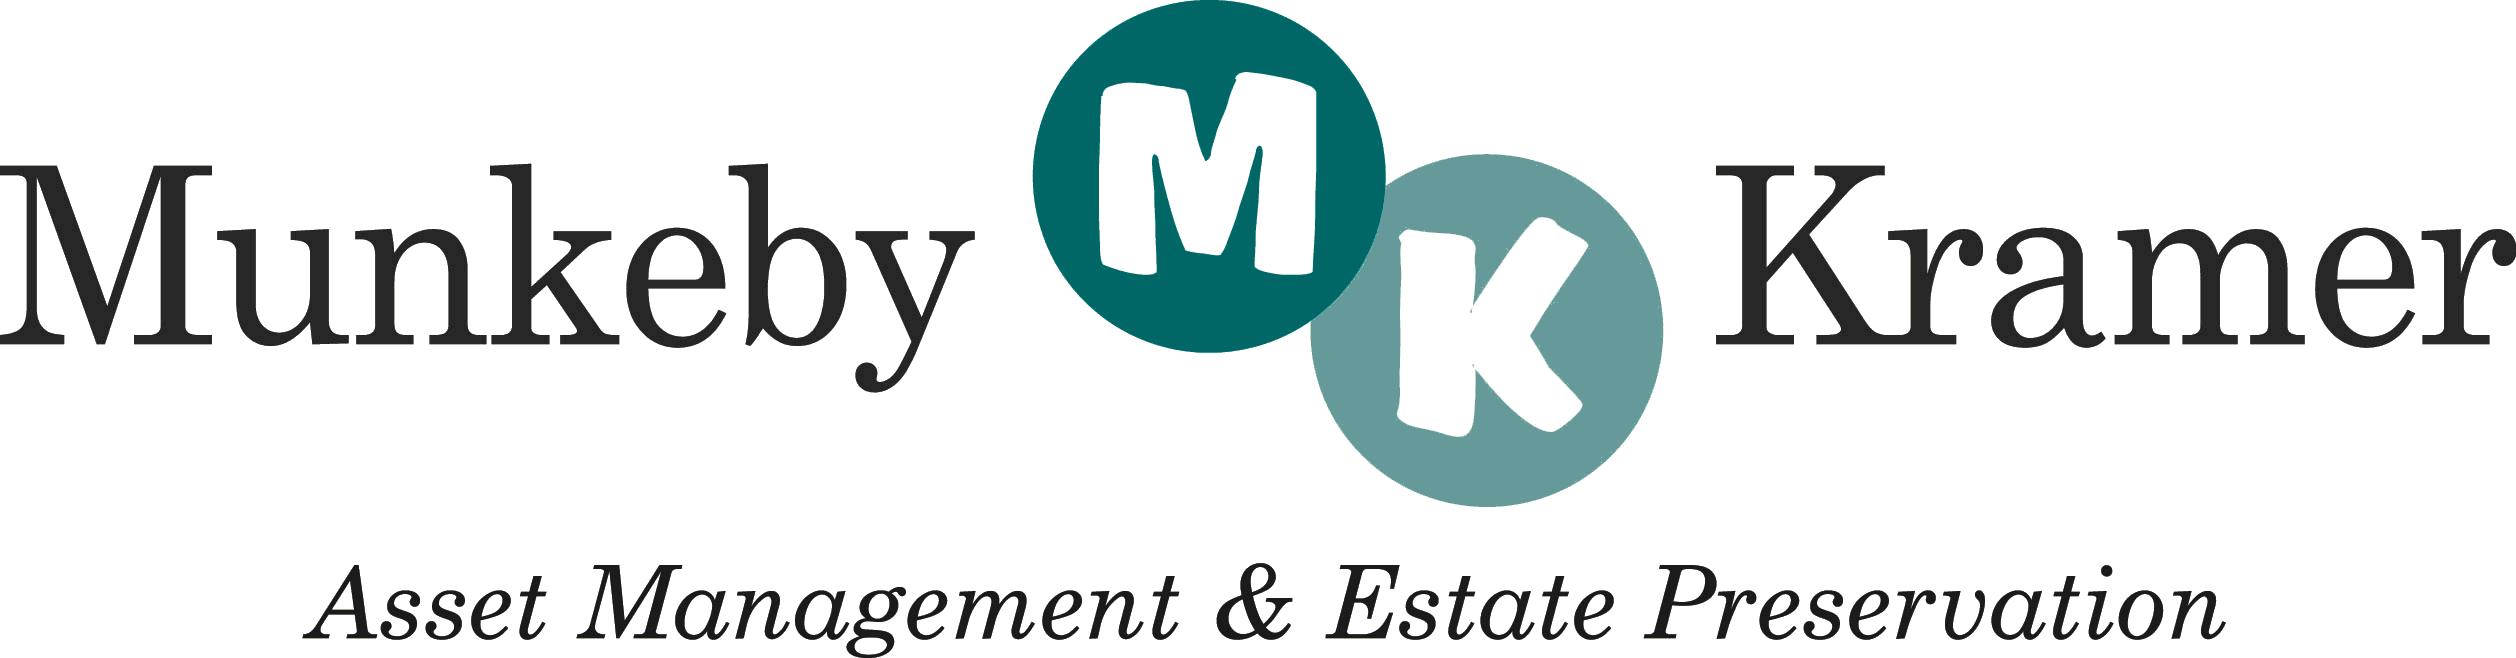 Logo for Munkeby Kramer